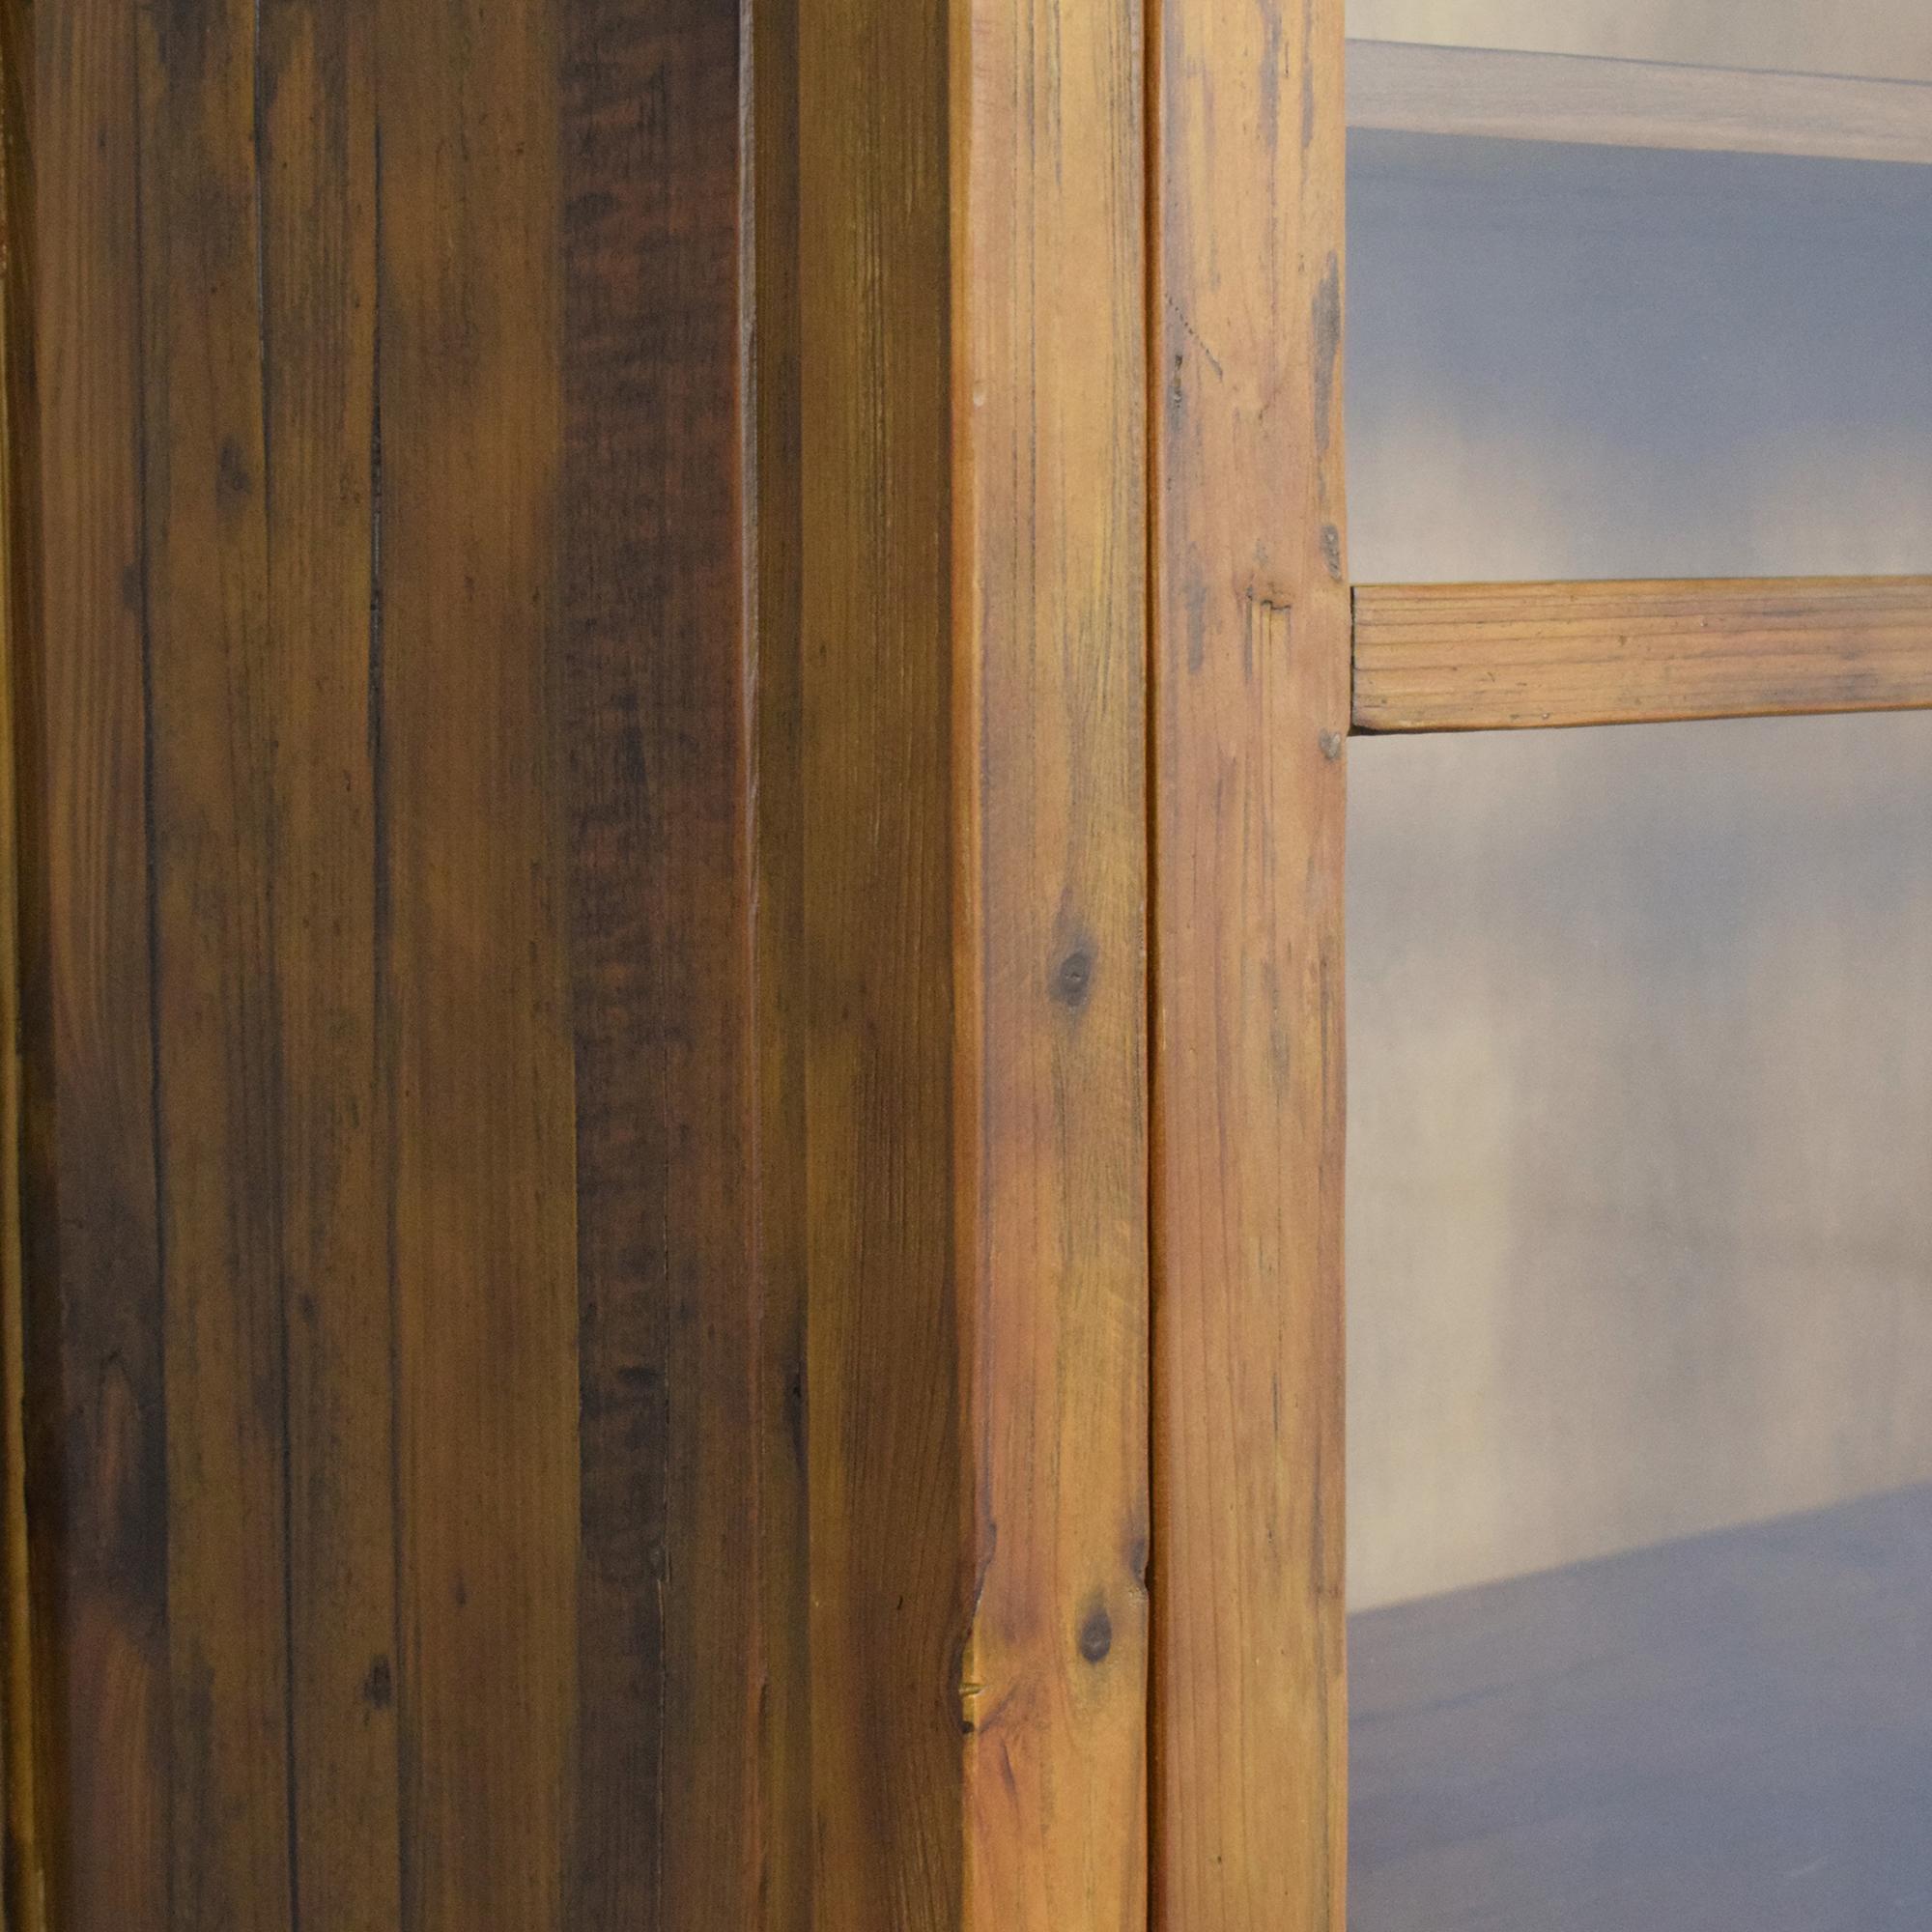 Crate & Barrel Crate & Barrel Bedford Tall Cabinet